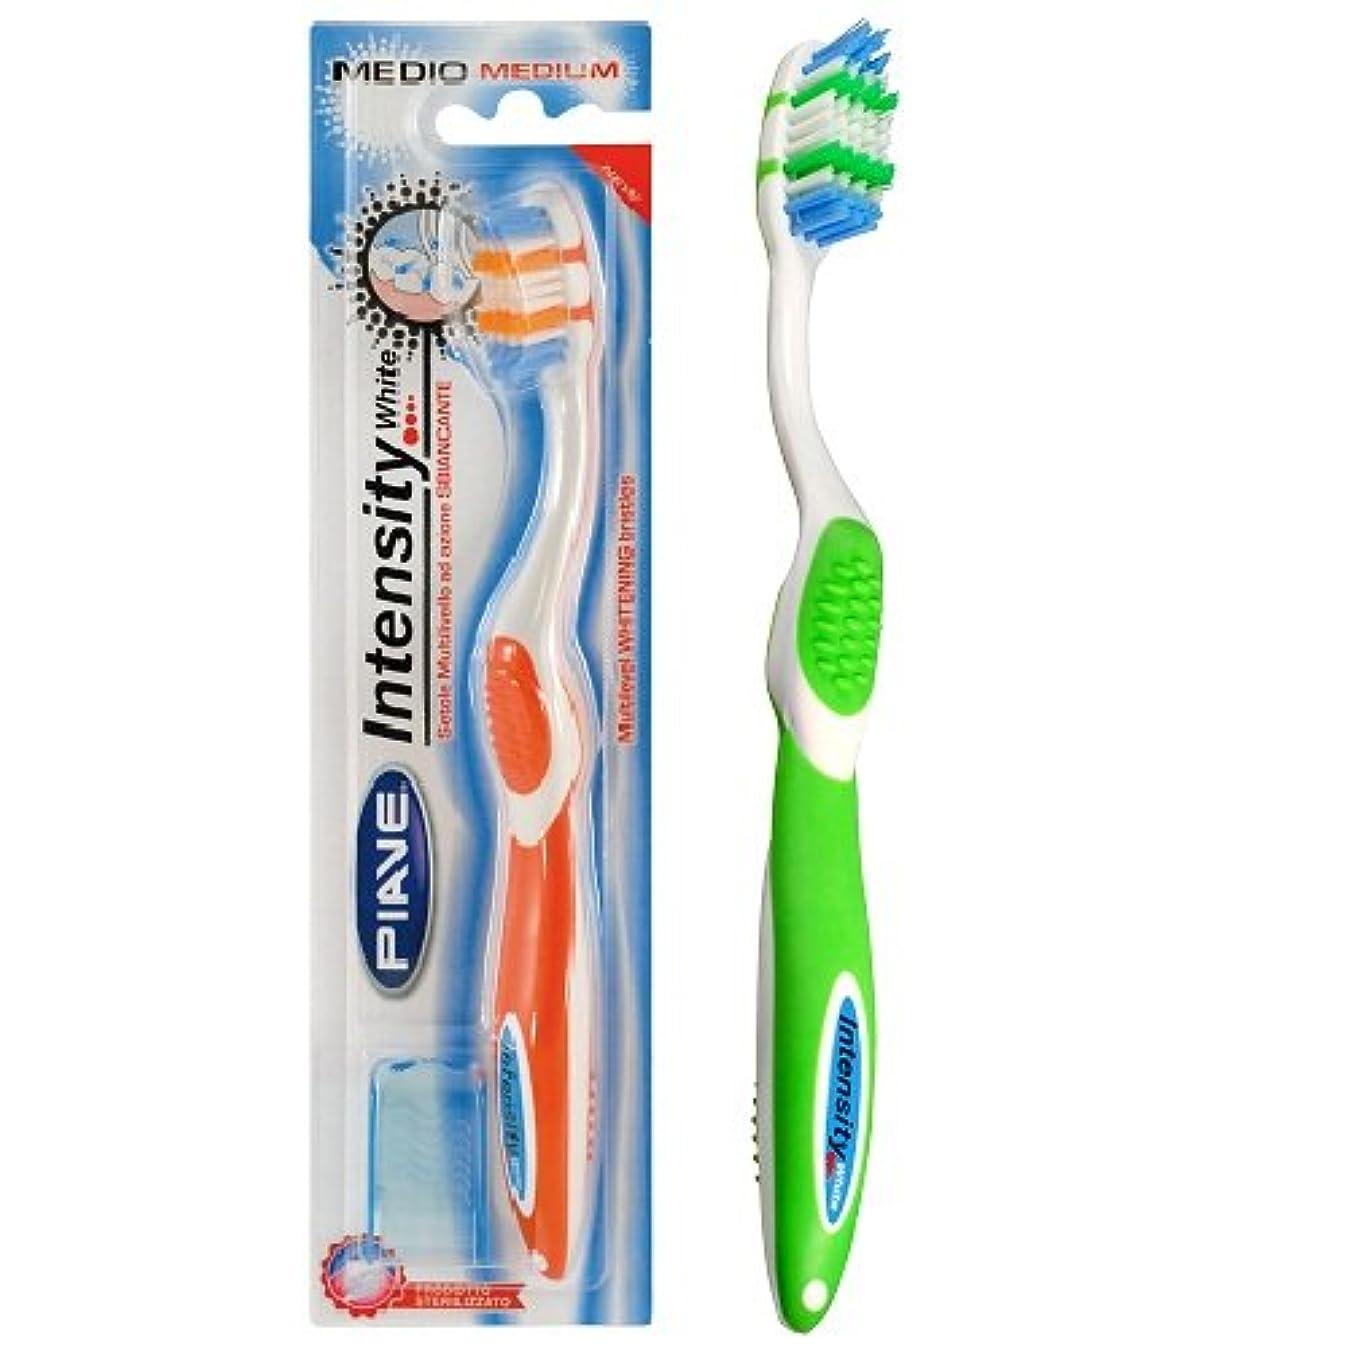 使い込む算術眉をひそめるホワイト歯ブラシ